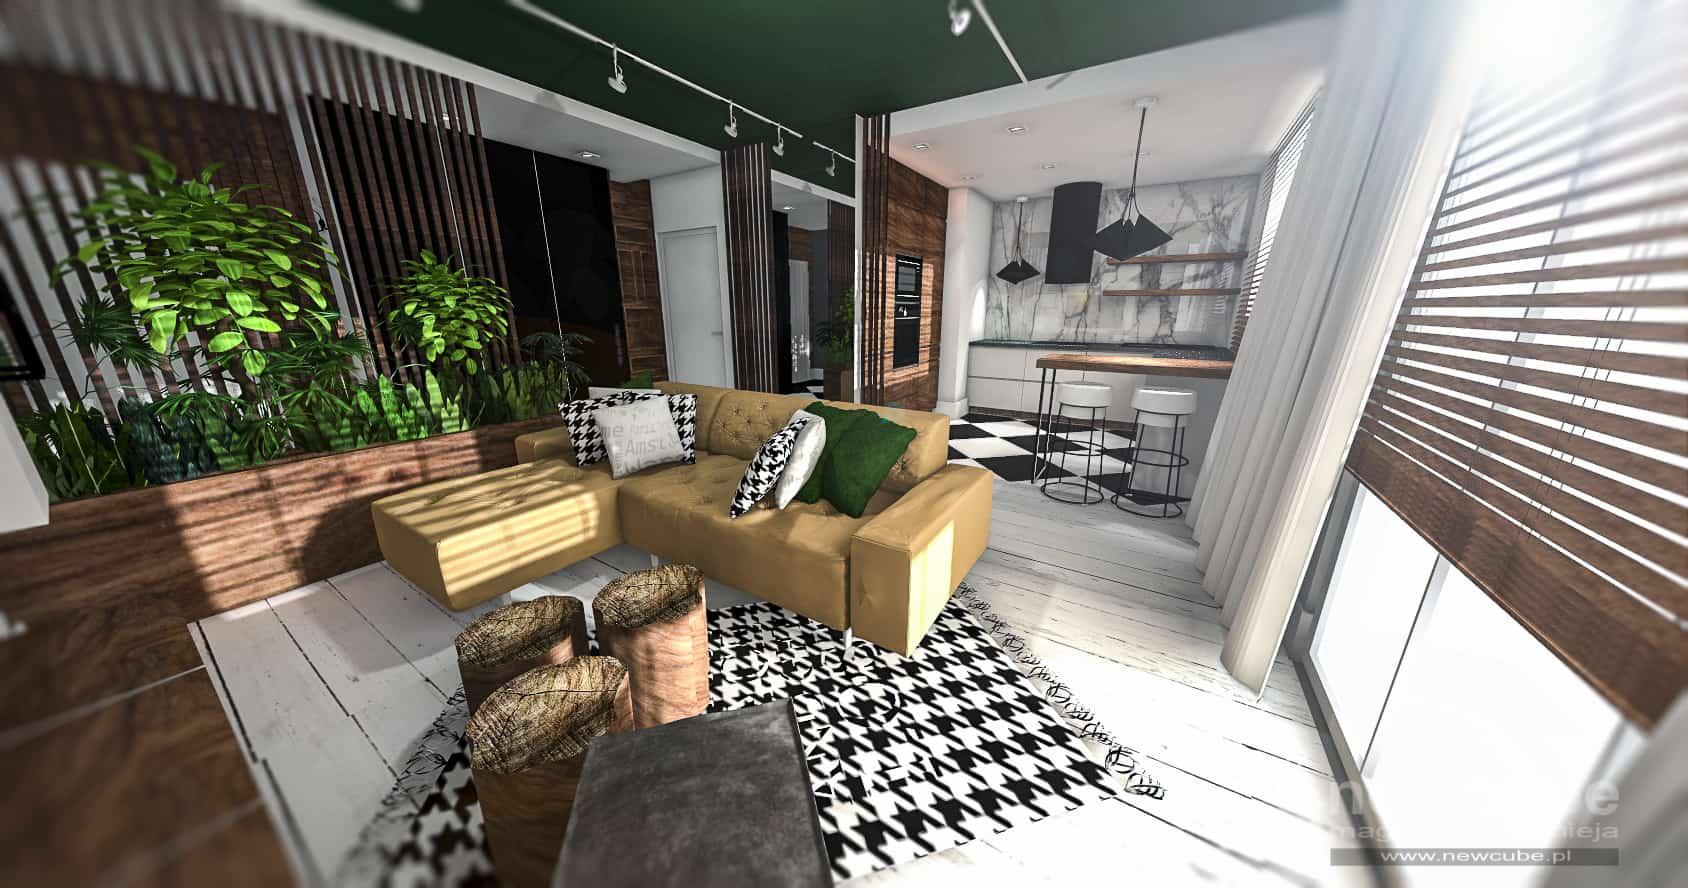 aranzacja-wnetrz-projekt-architekt-new-cube-9-20170403